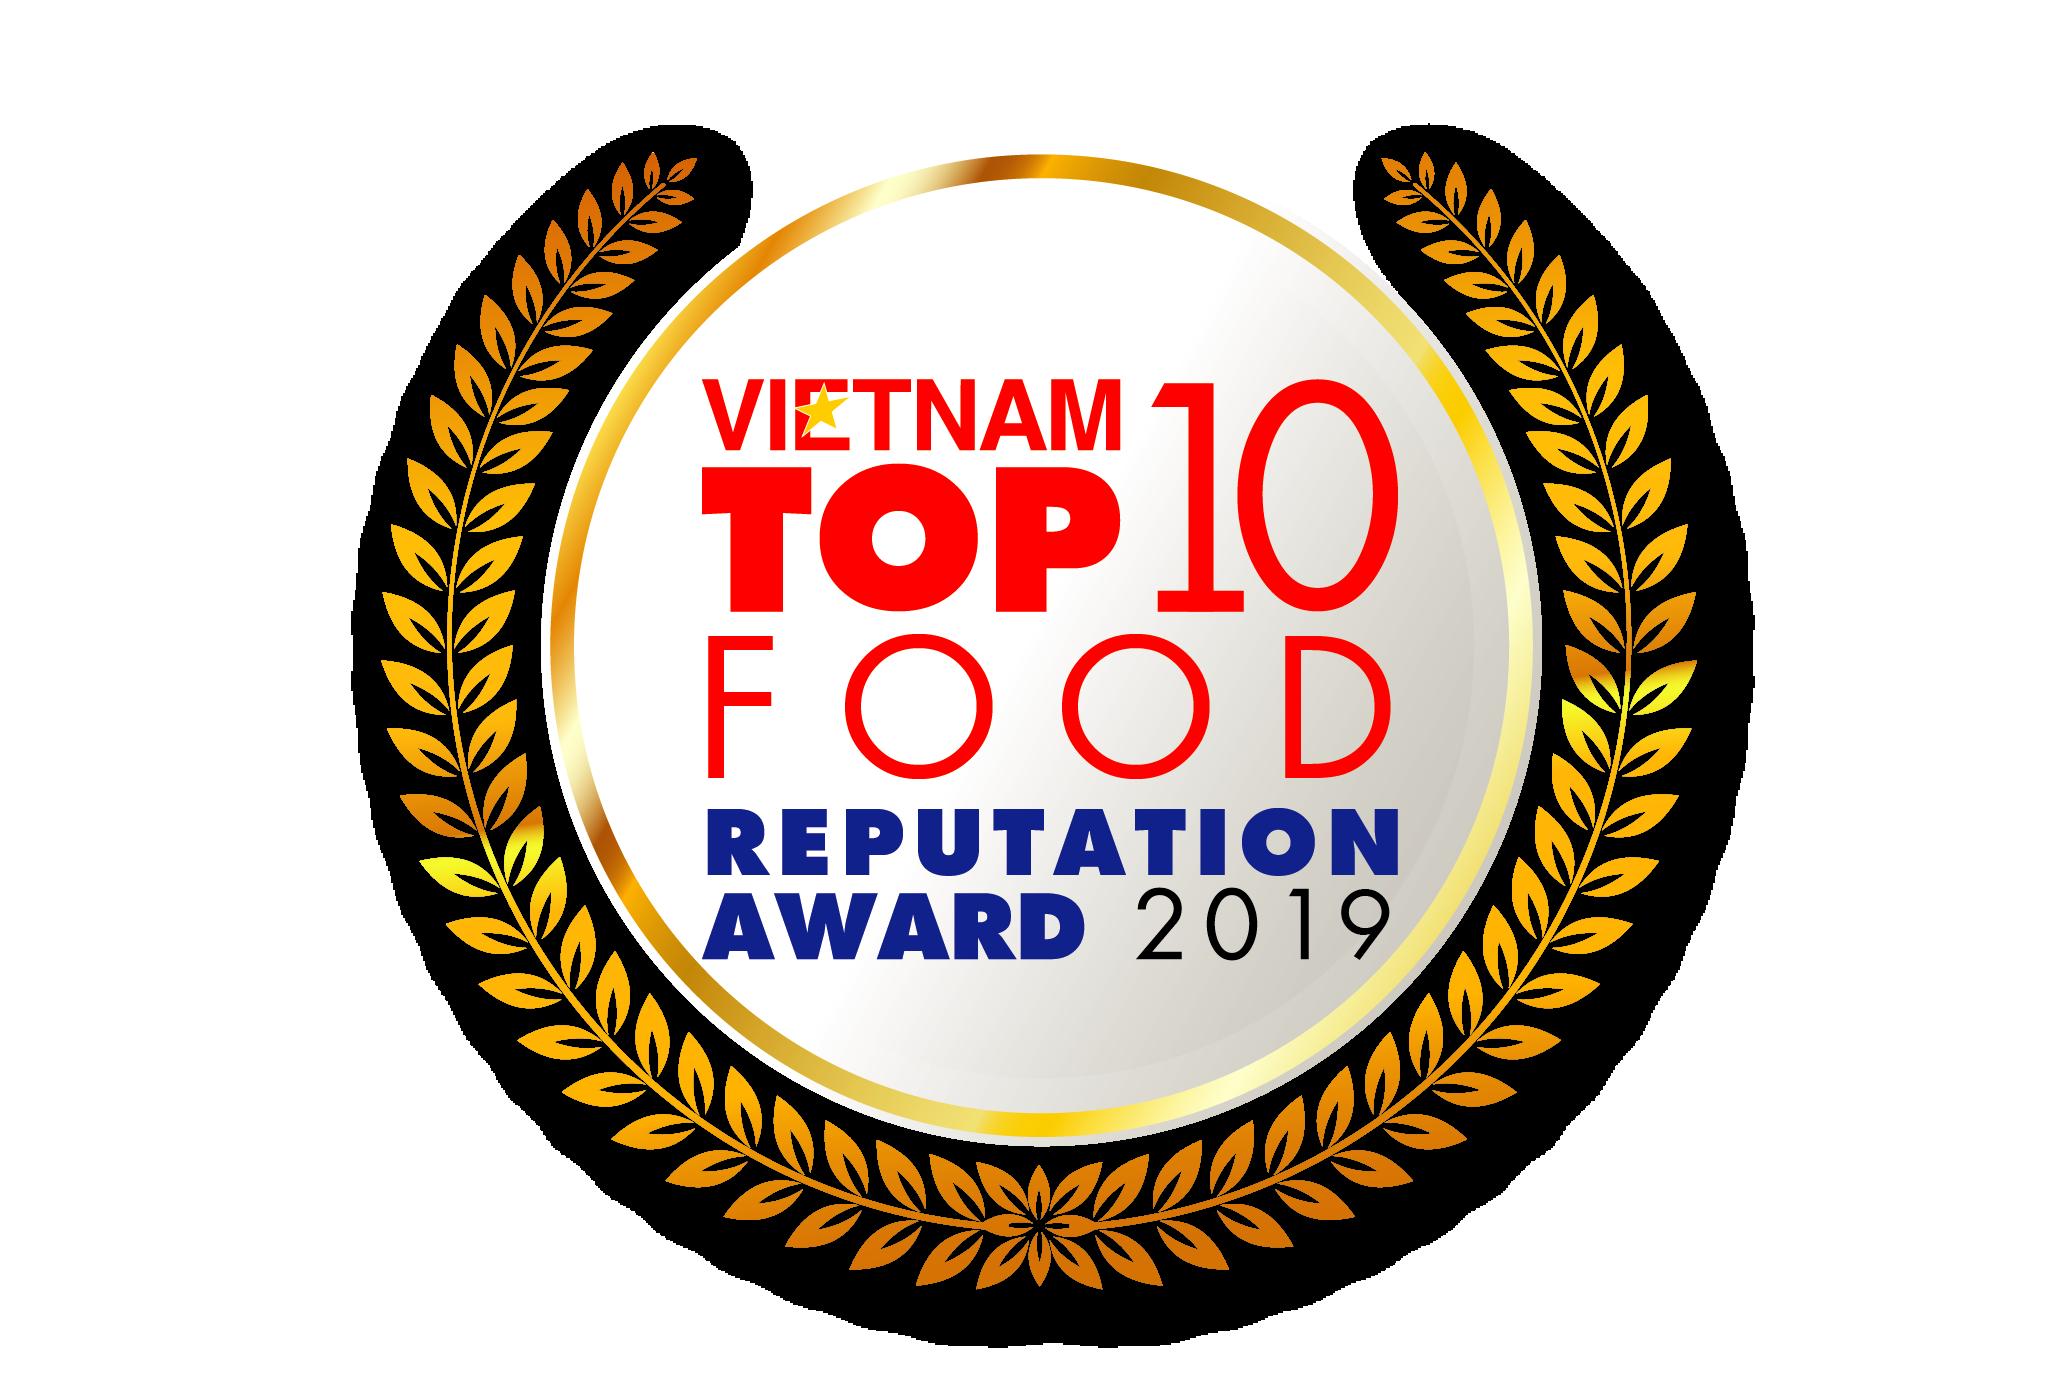 TOP 10 CÔNG TY THỰC PHẨM UY TÍN NĂM 2019 - NHÓM NGÀNH: SỮA VÀ SẢN PHẨM TỪ SỮA